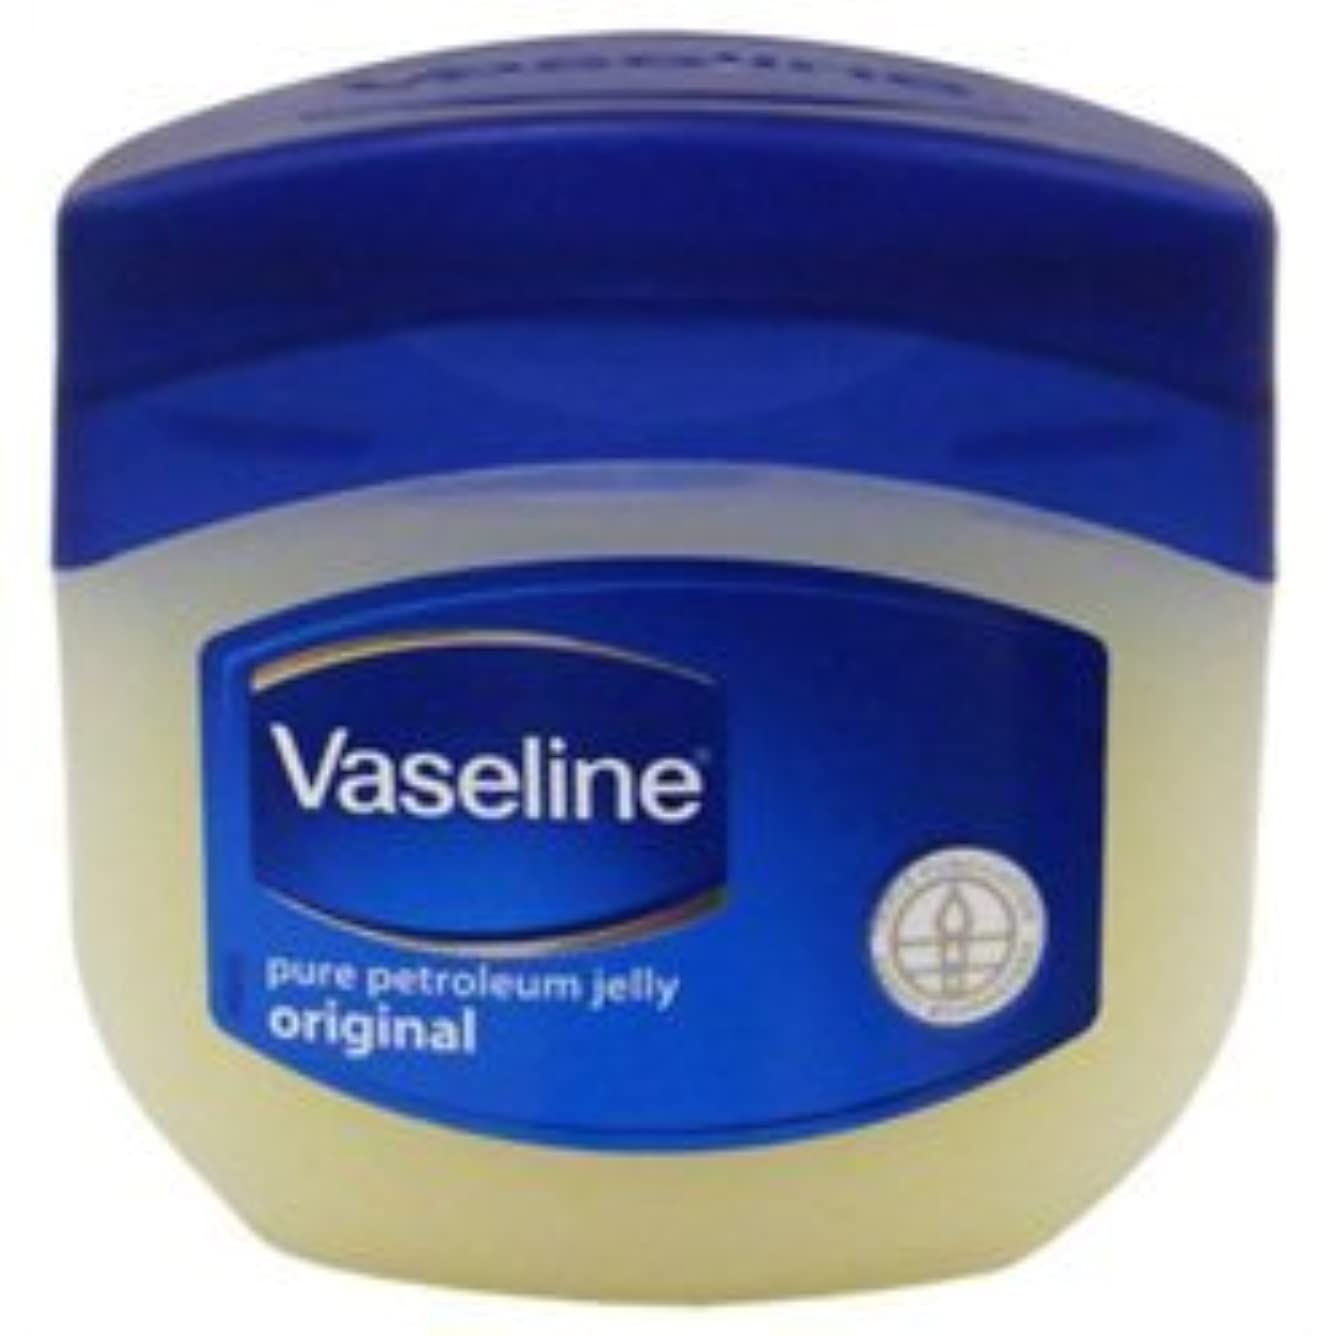 辛なアロングワンダー【Vaseline】ヴァセリン ピュアスキンジェリー (スキンオイル) 80g ×20個セット